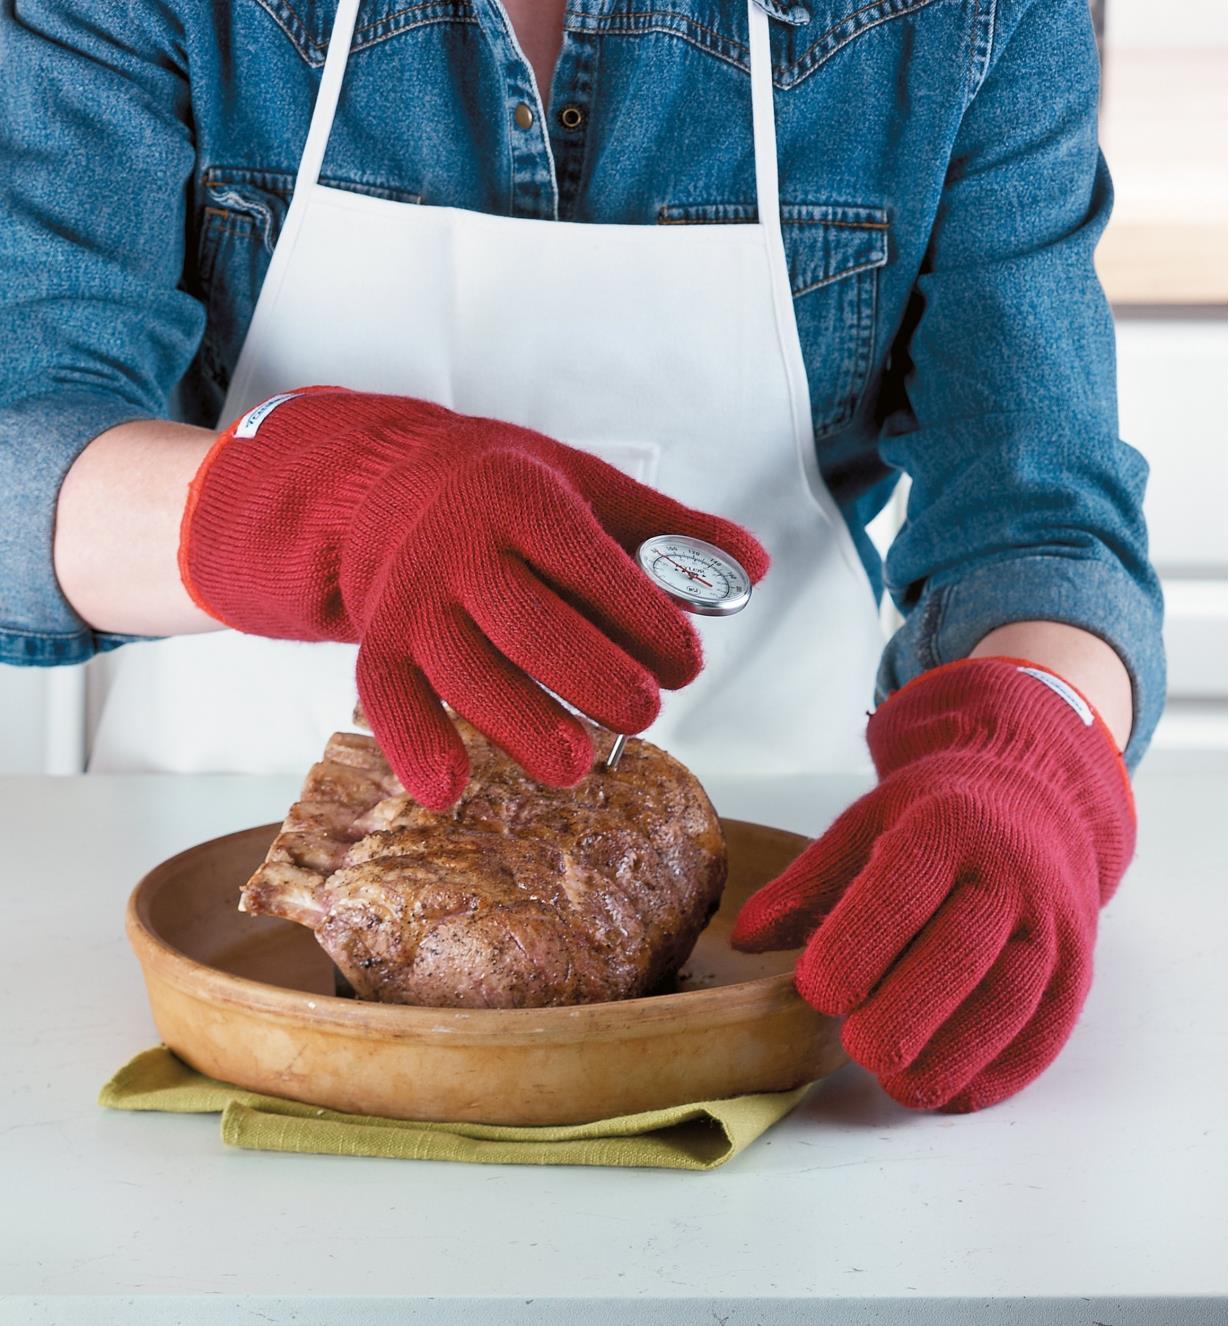 Gants de cuisine portés pour manipuler un thermomètre de cuisson